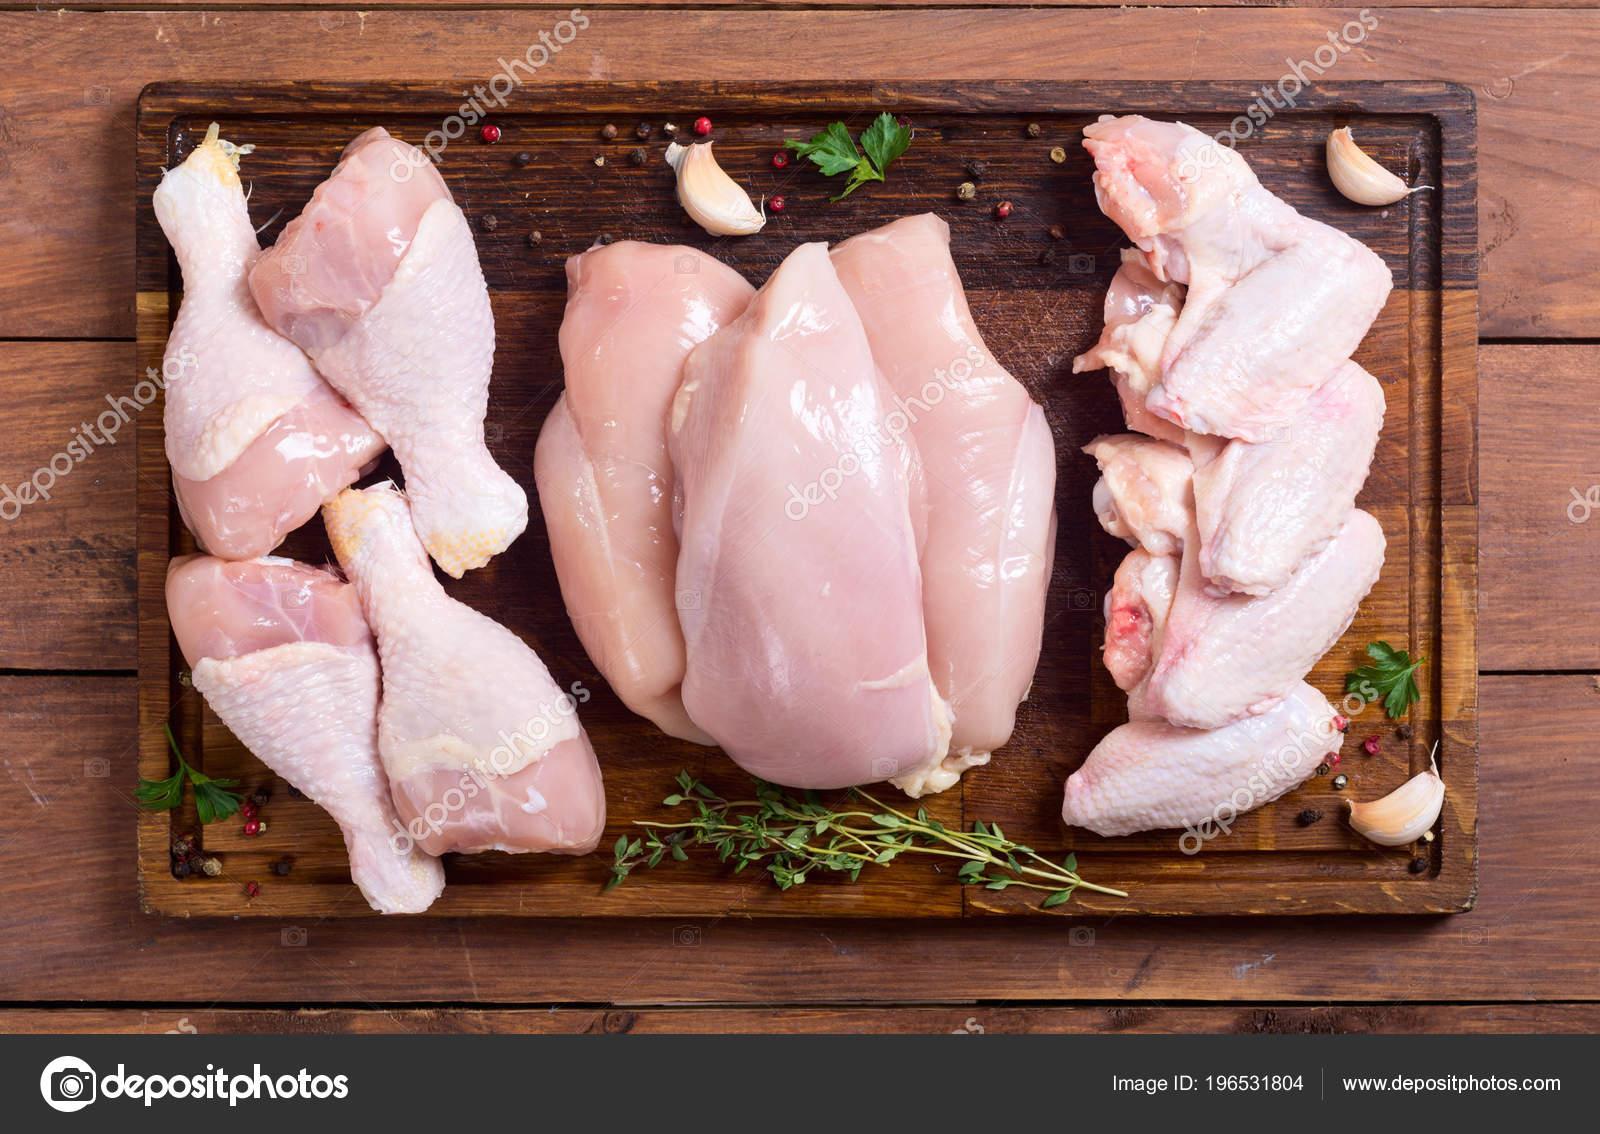 Carne Pollo Crudo Tabla Cortar Piernas Alas Pecho Foto De Stock